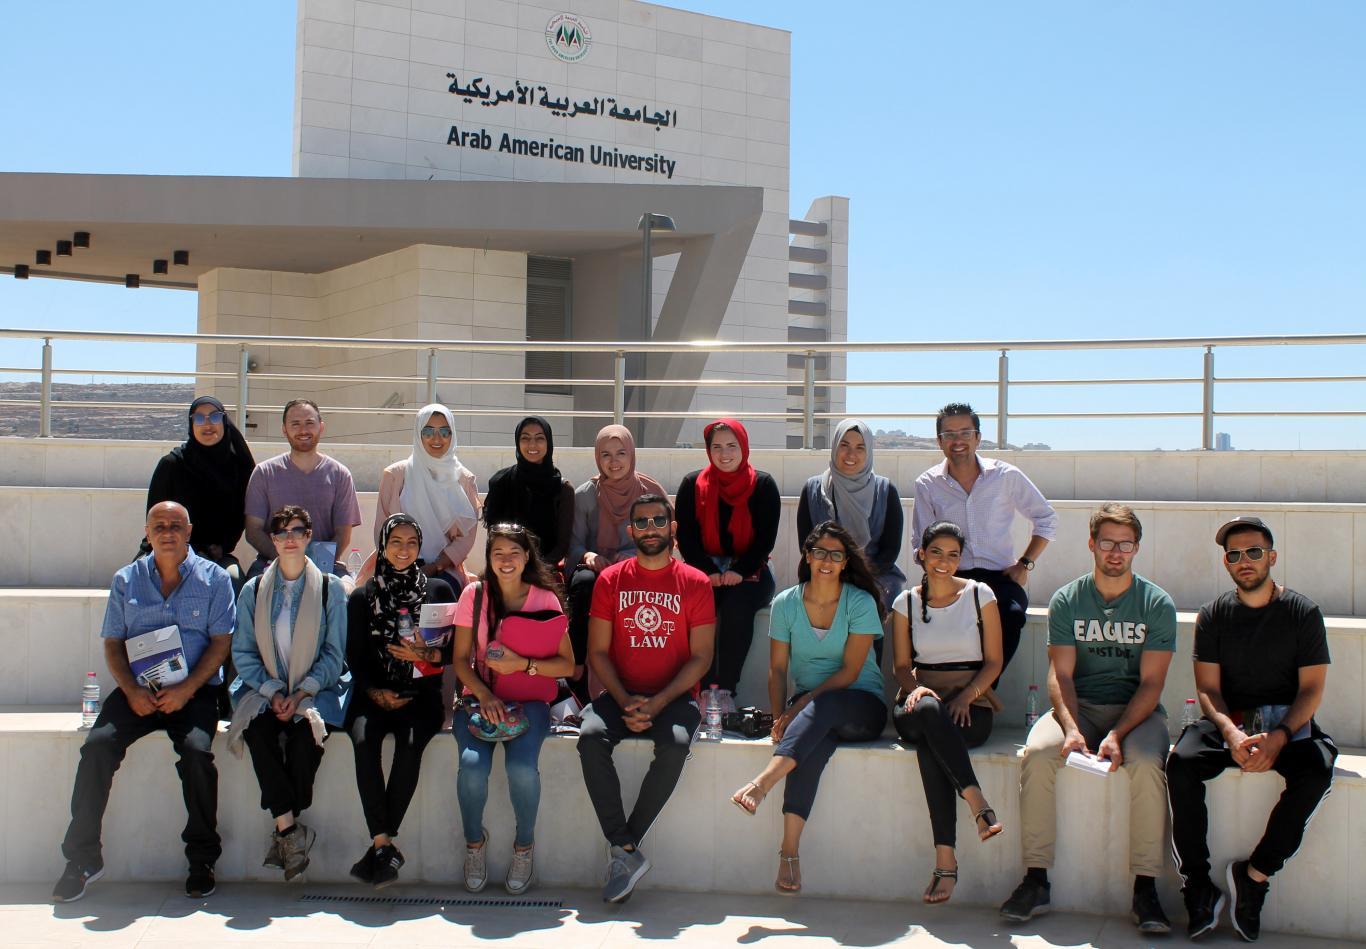 الجامعة العربية الامريكية في رام الله تستقبل وفدا من مركز الجالية الفلسطينية الامريكية